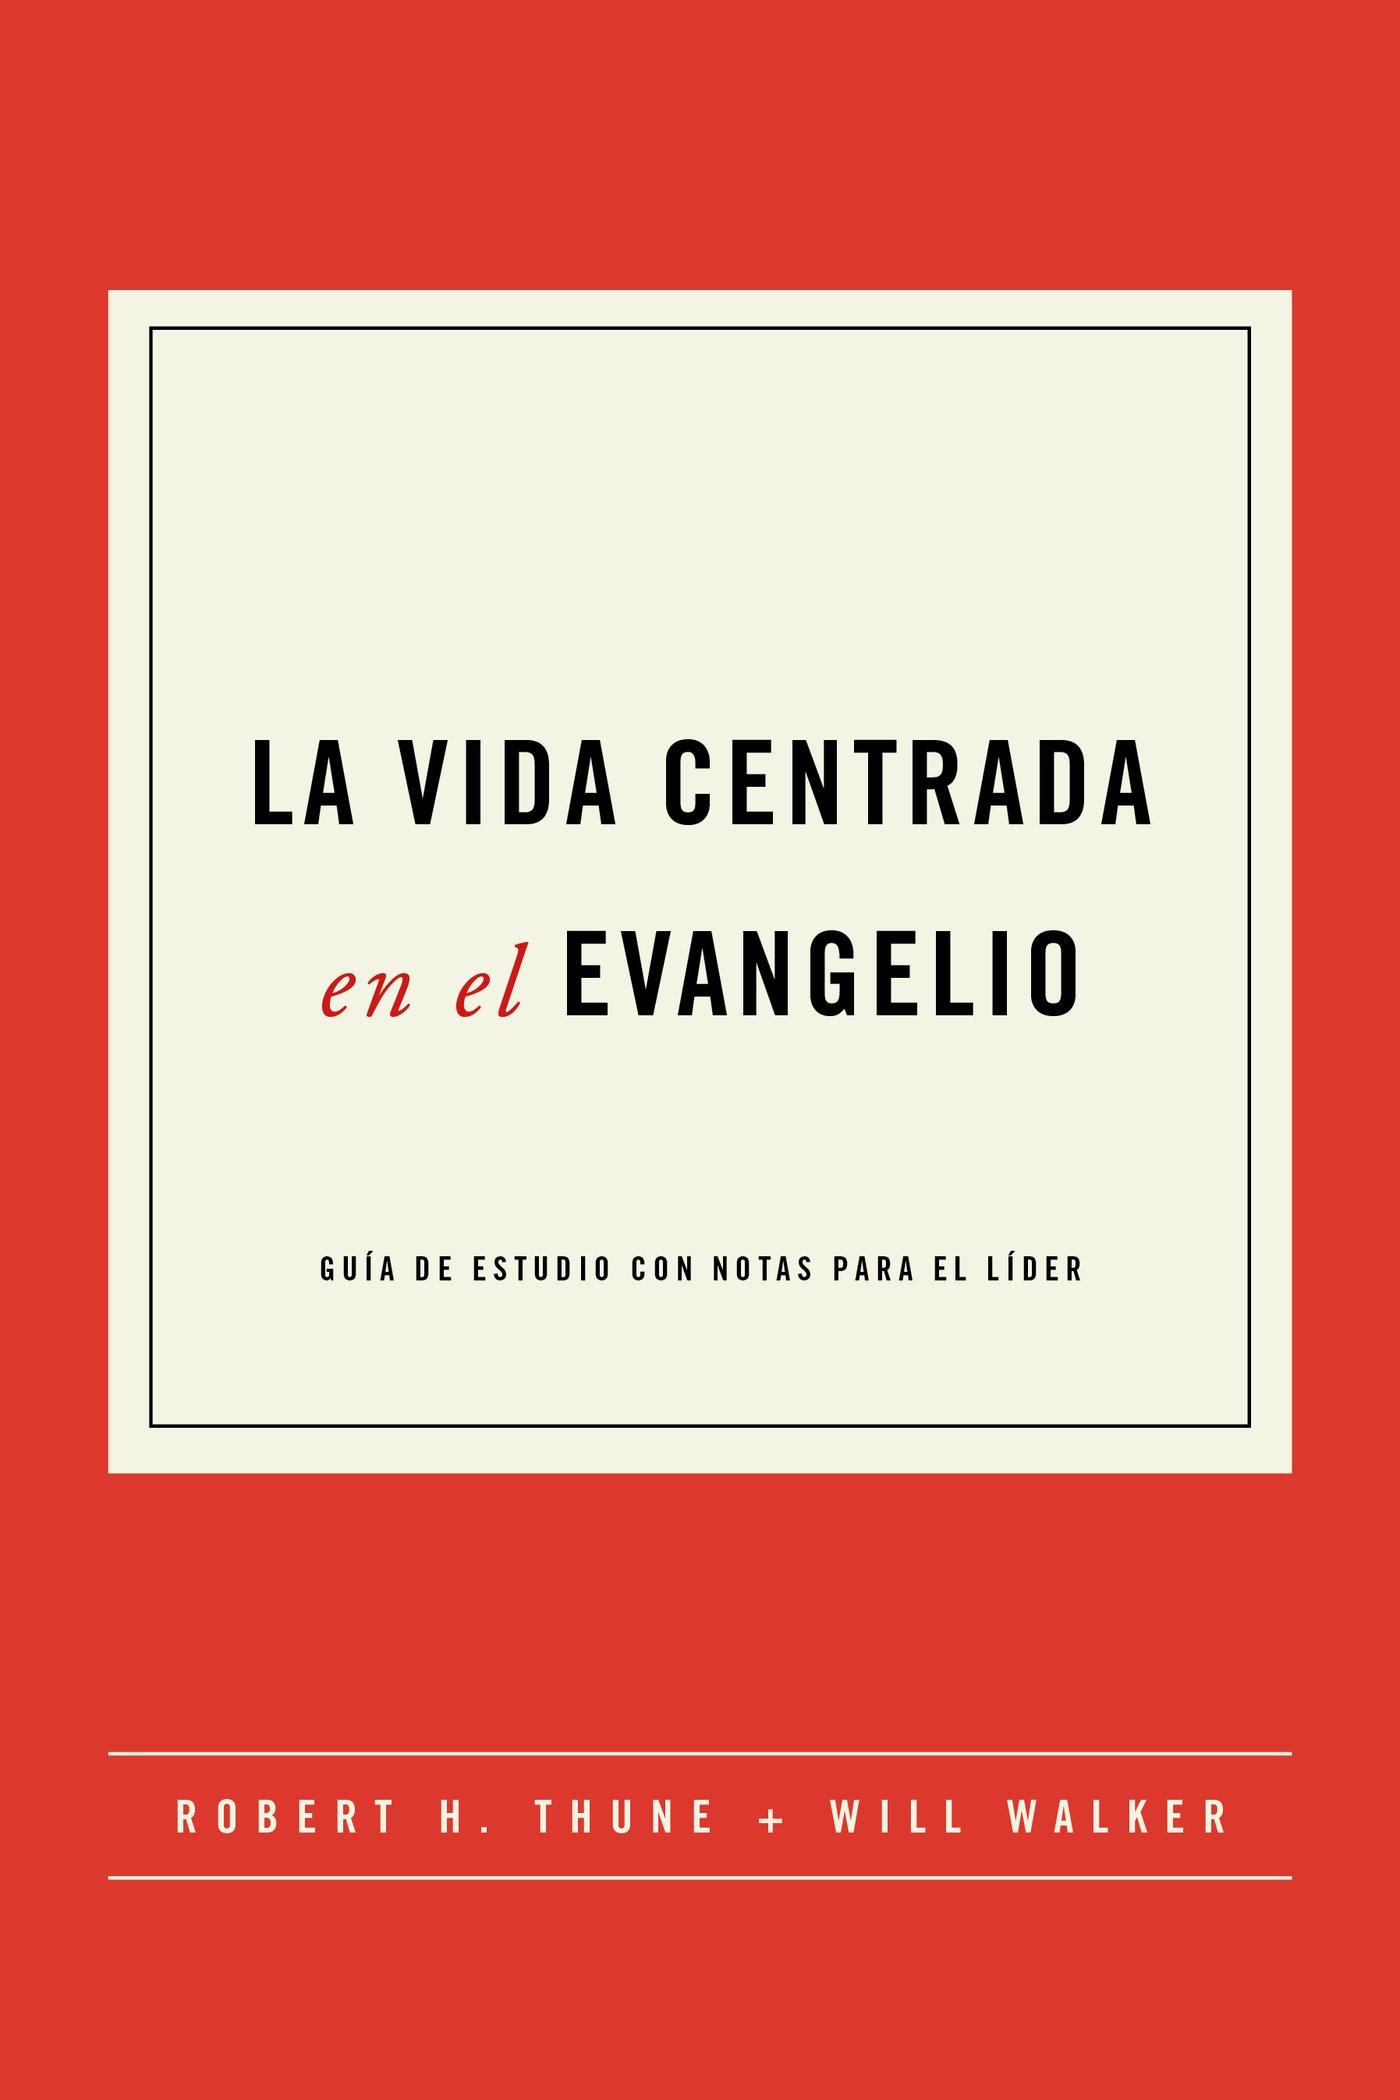 Una Vida Centrada en el Evangelio - Guía de Estudio